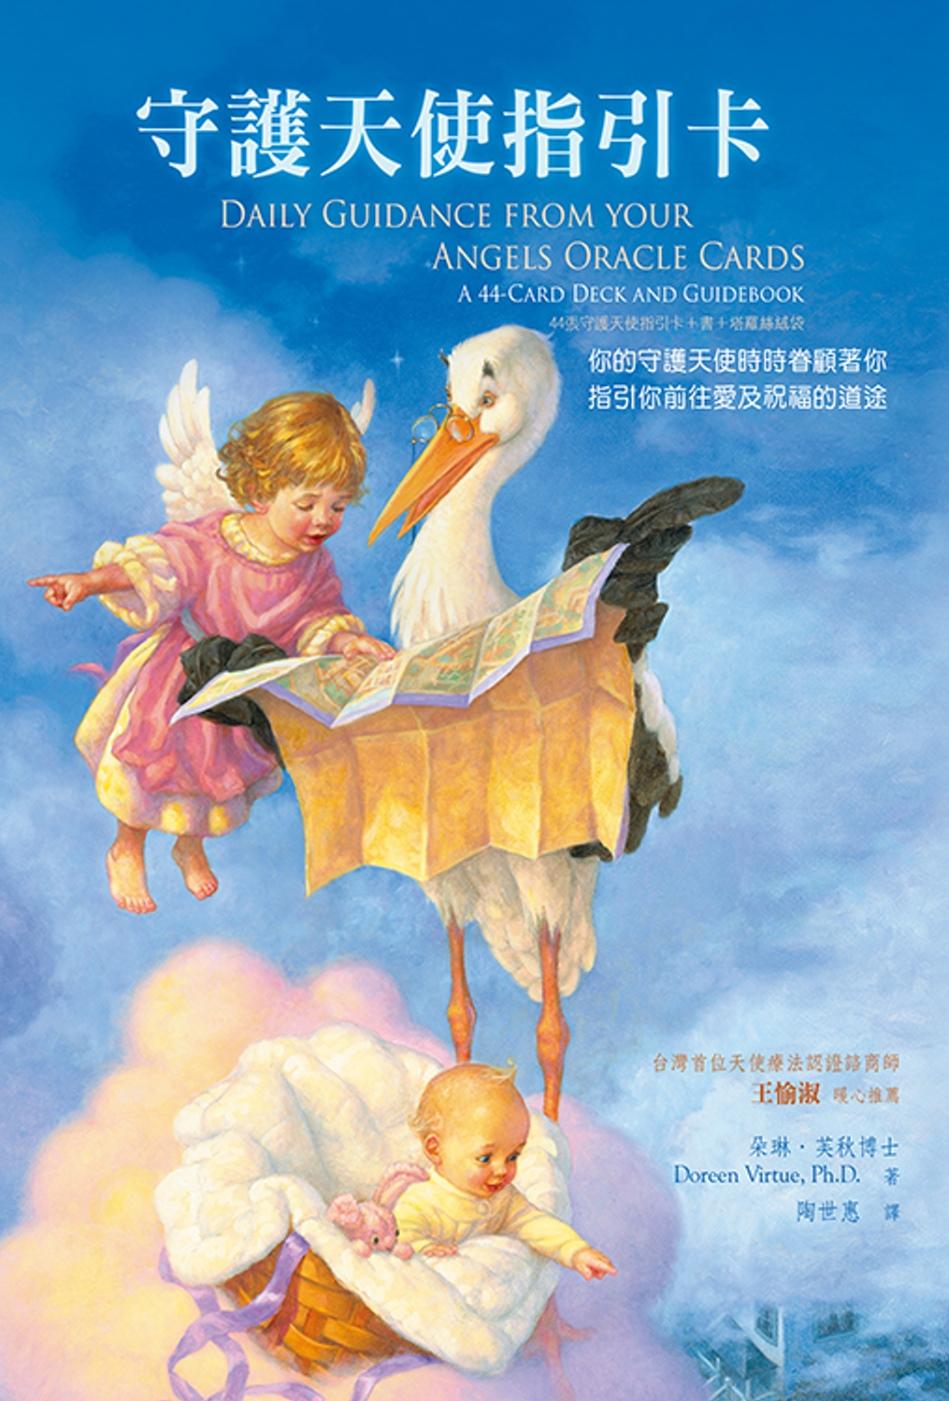 守護天使指引卡(...